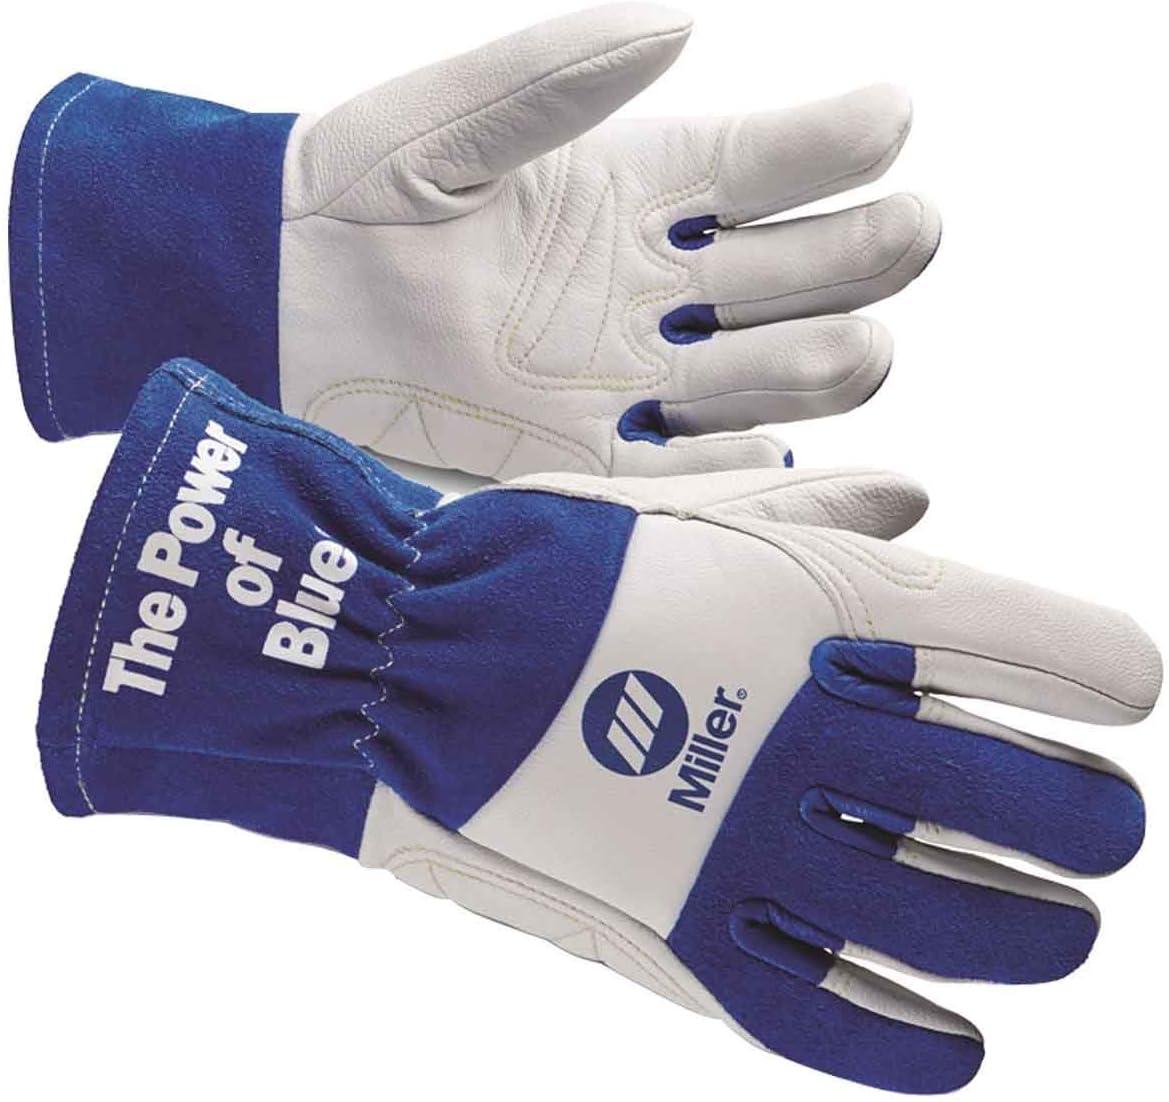 L 263354 by Miller Electric Miller TIG//Multi-Task Gloves